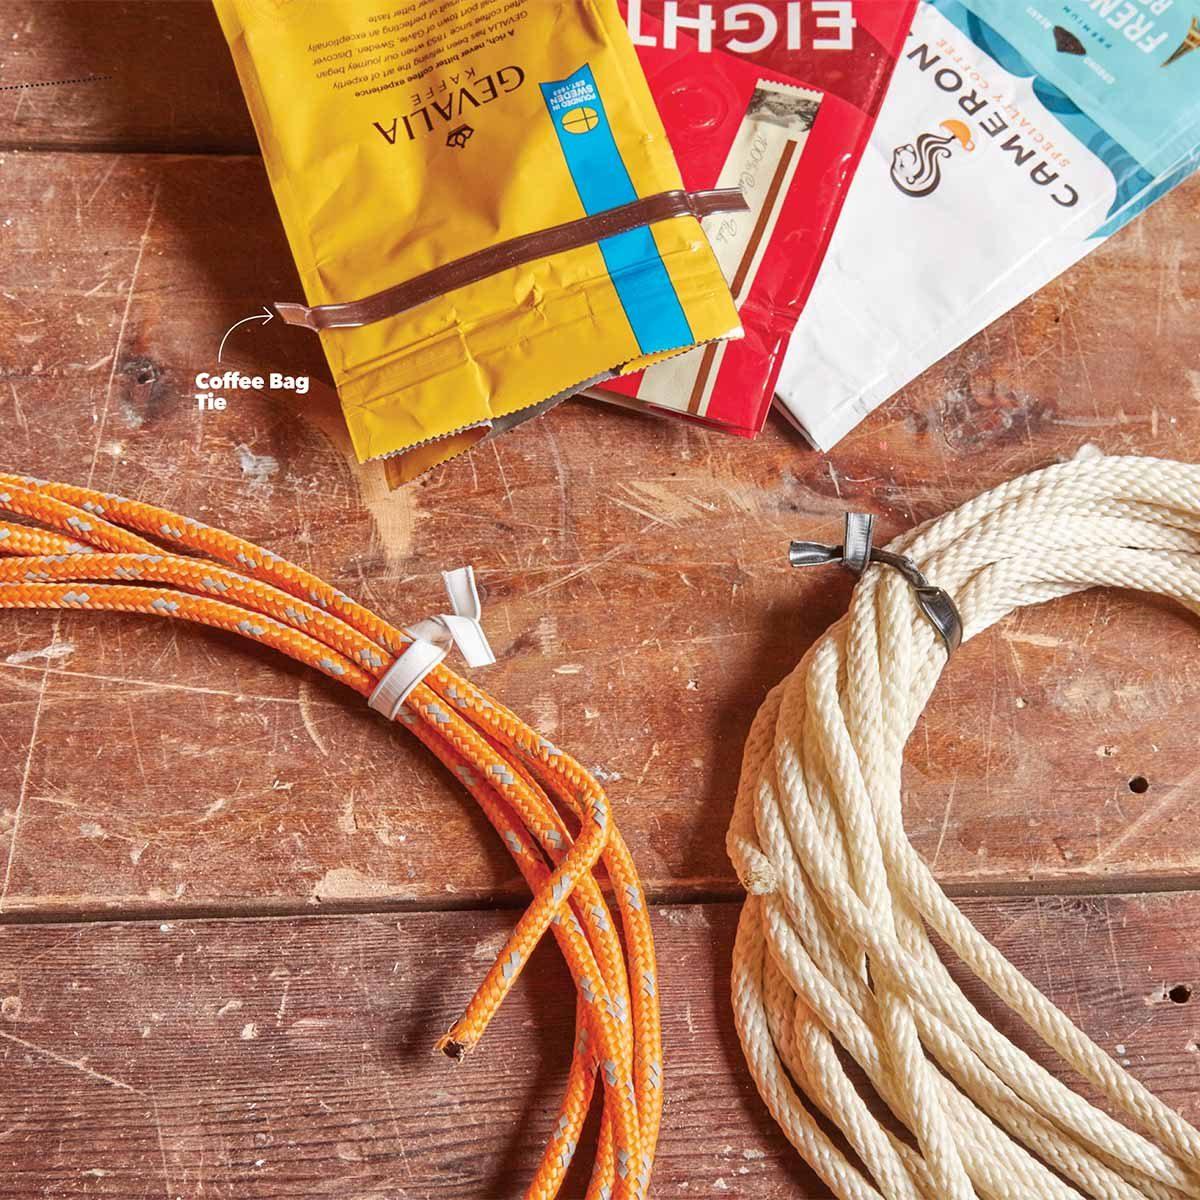 Coffee bag twist ties